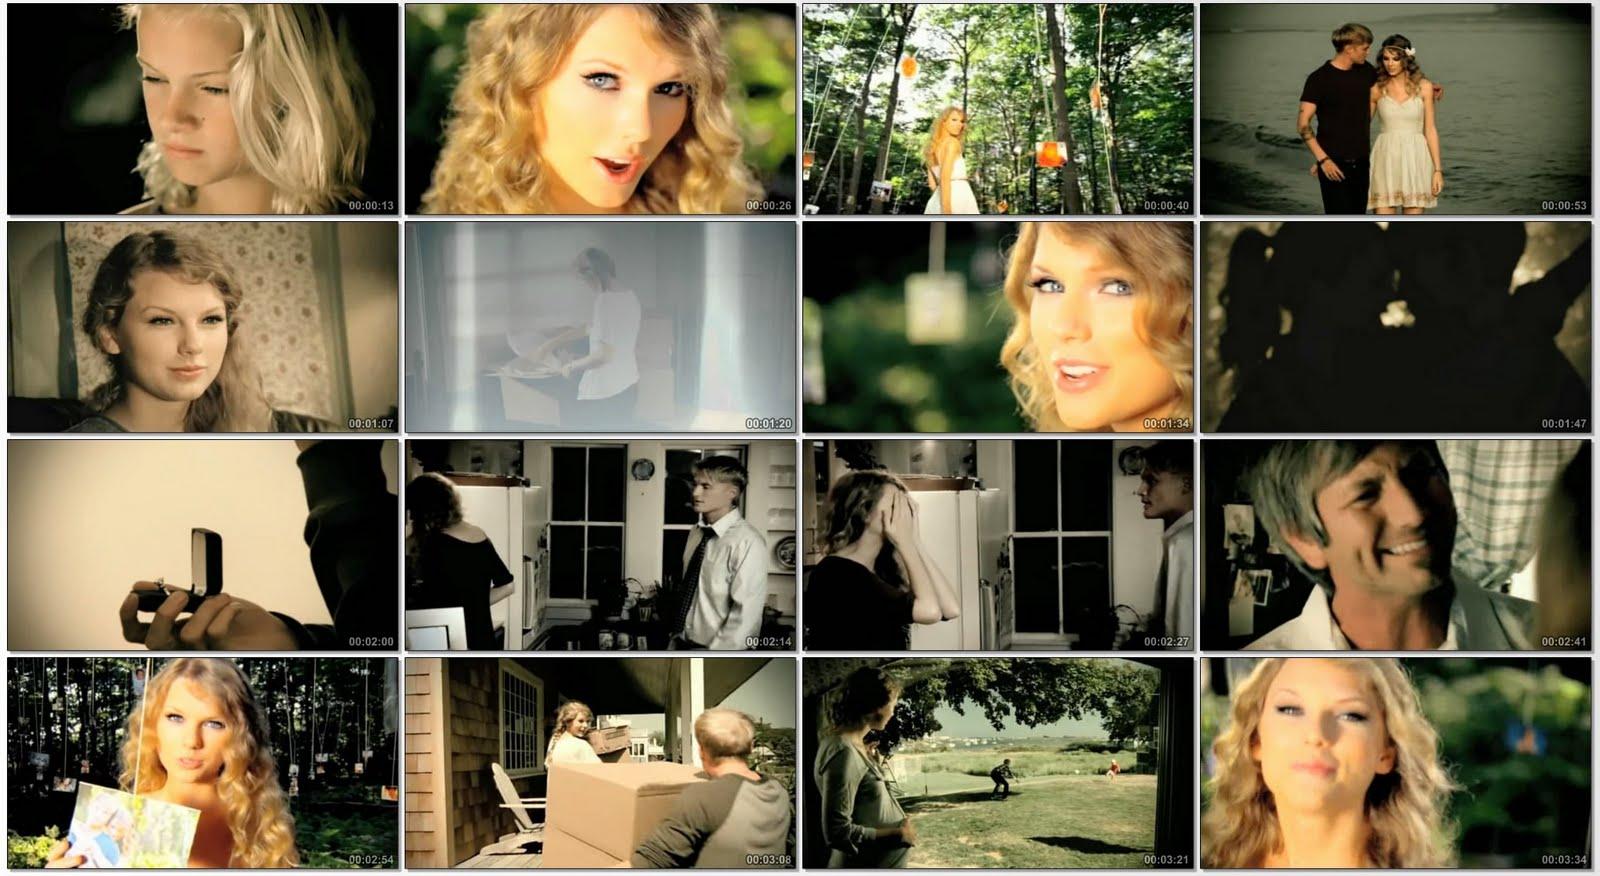 http://4.bp.blogspot.com/_beXnqOAZQ_A/TRDL92hwamI/AAAAAAAAEGg/tfZP0nVrpUU/s1600/Taylor+Swift+-+Mine.jpg